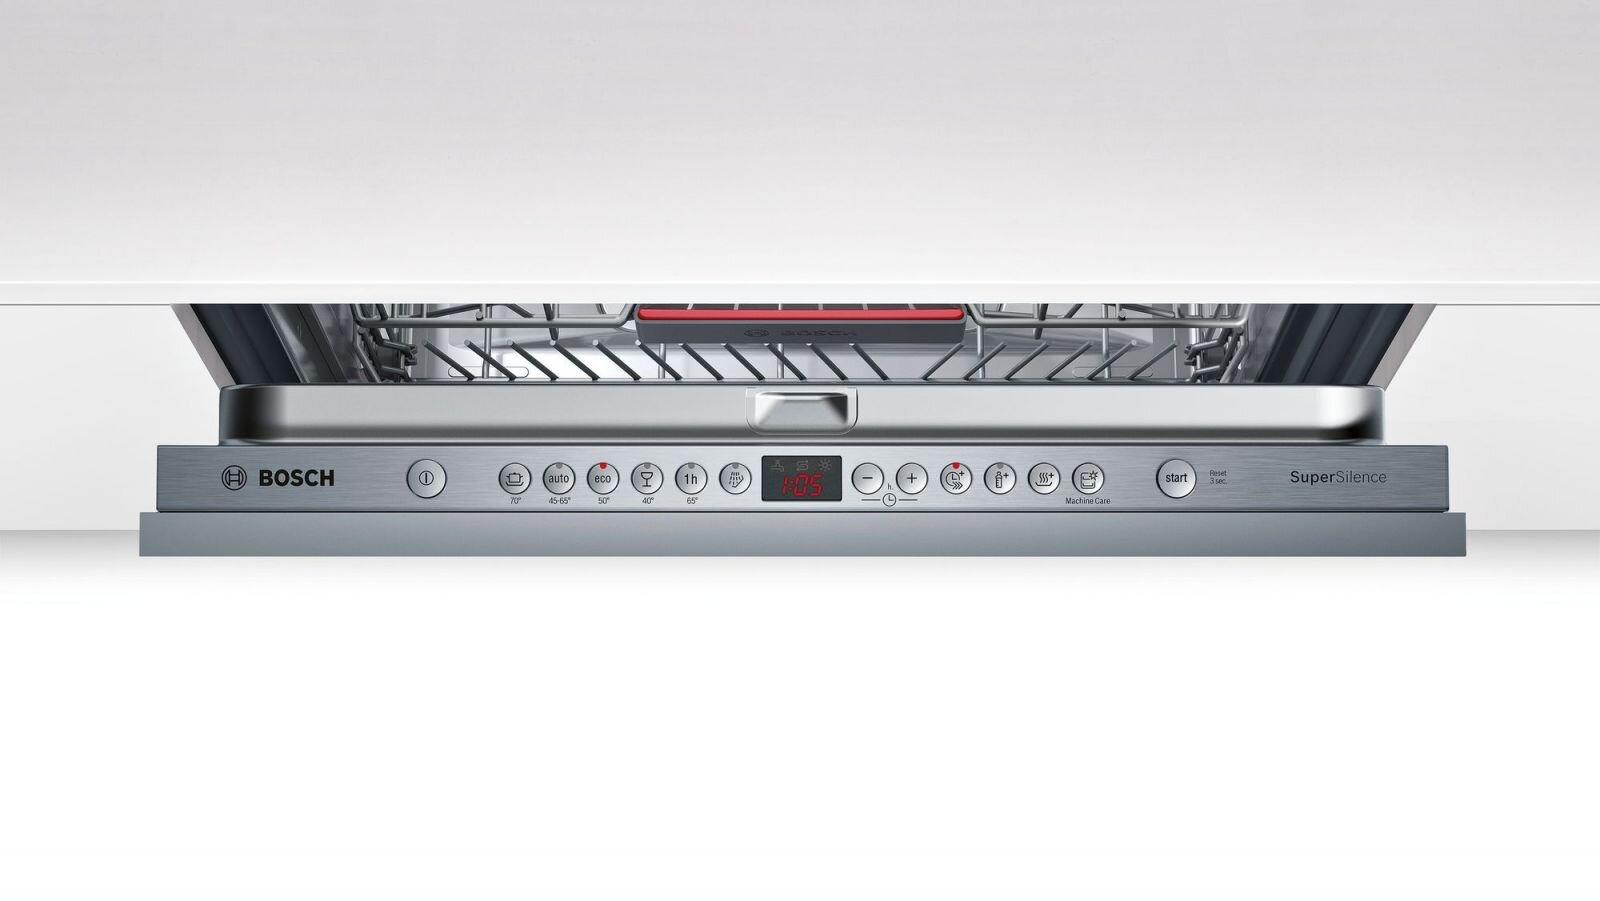 Bảng điều khiển của máy rửa bát Bosch SMV46MX03E